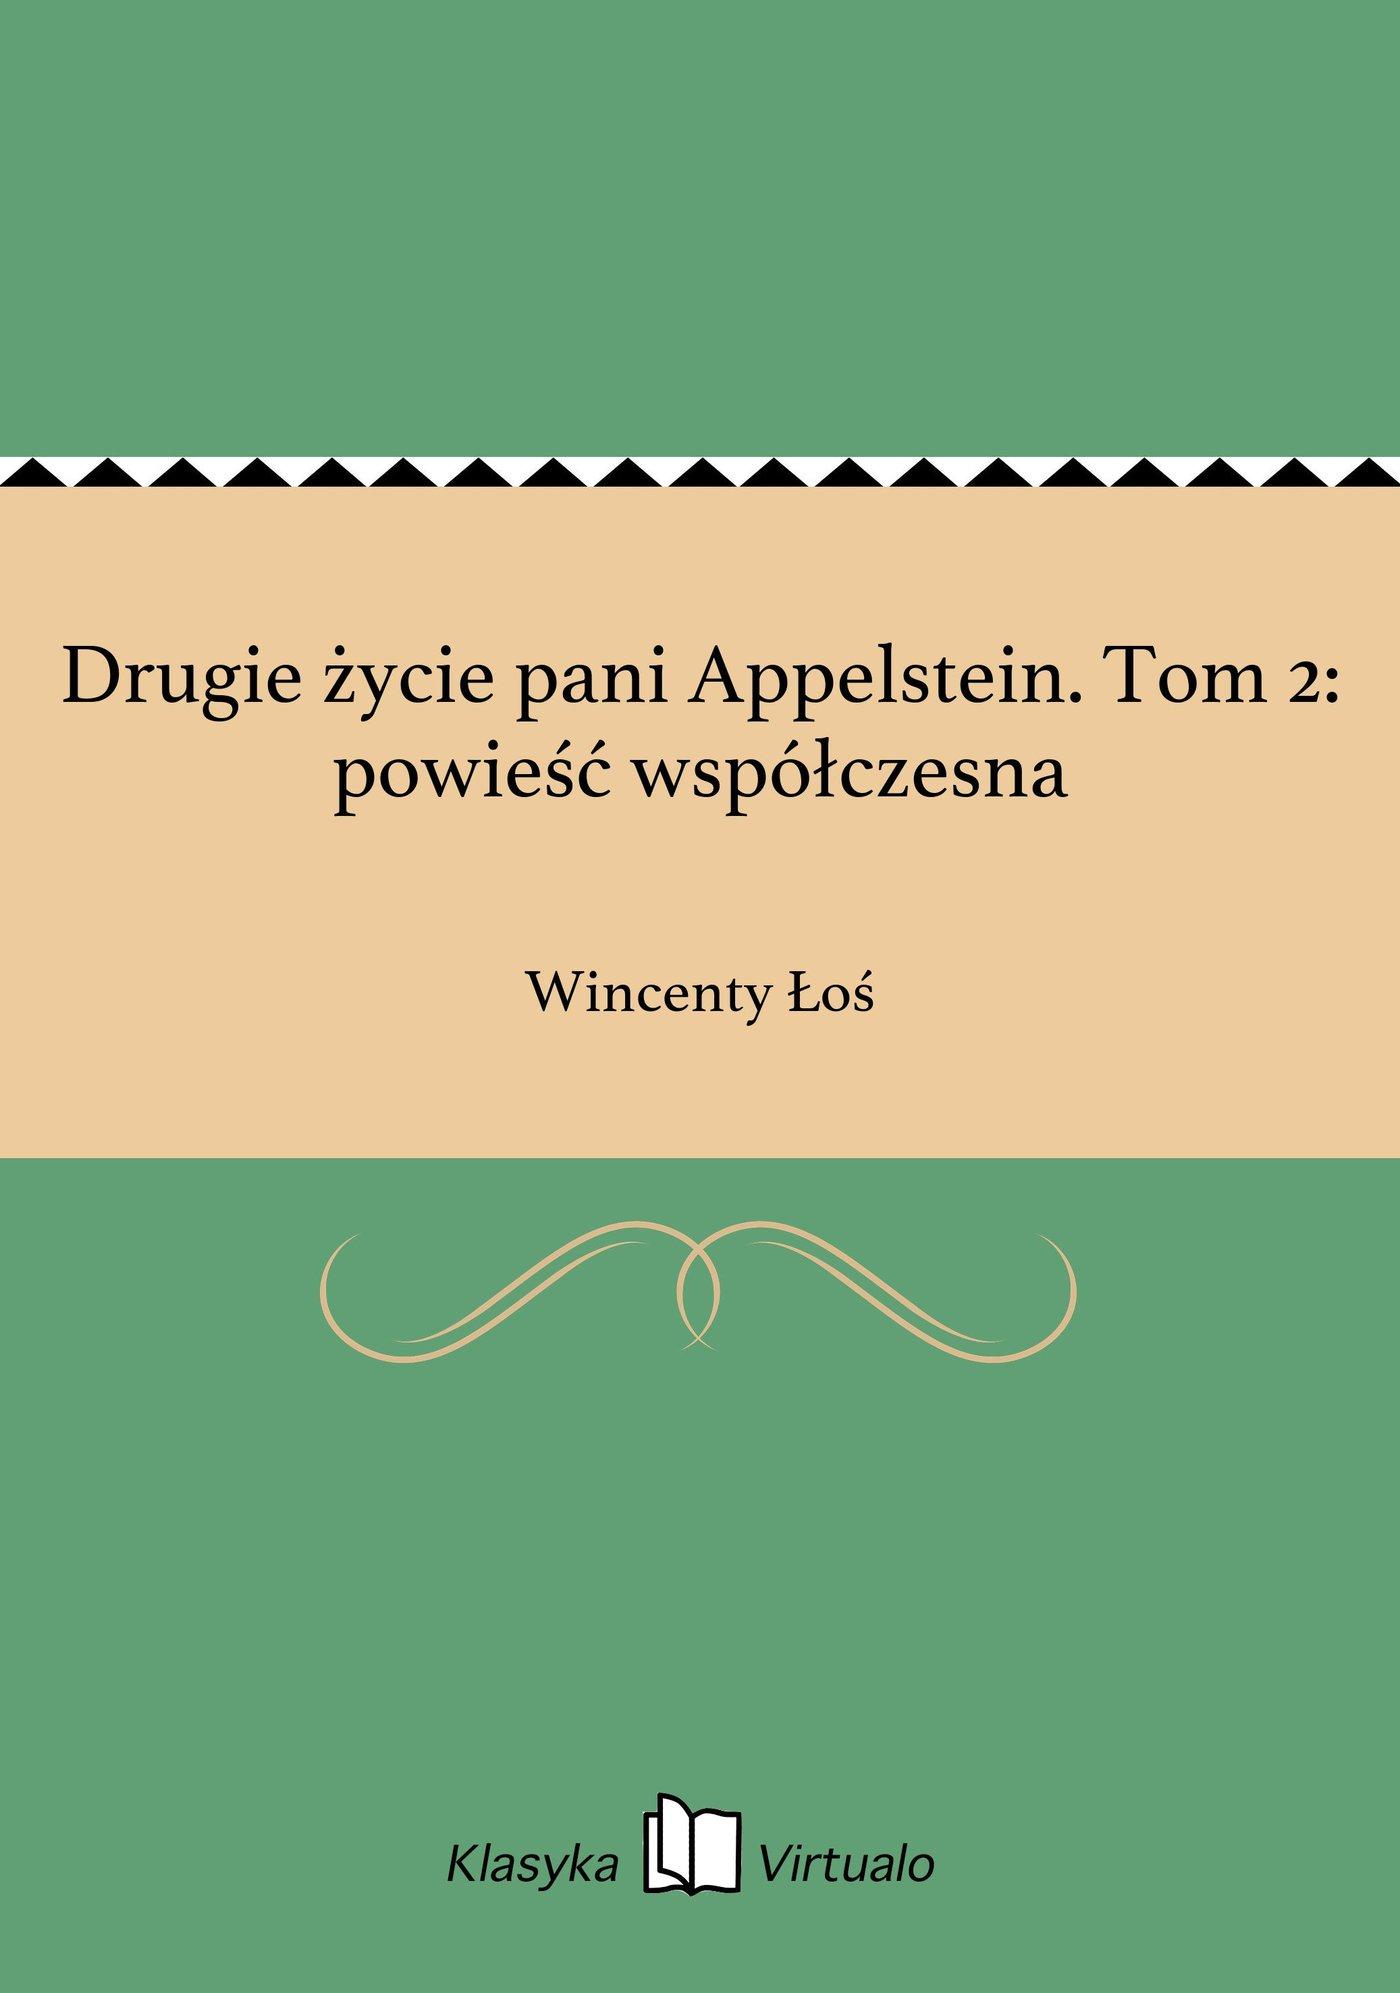 Drugie życie pani Appelstein. Tom 2: powieść współczesna - Ebook (Książka EPUB) do pobrania w formacie EPUB